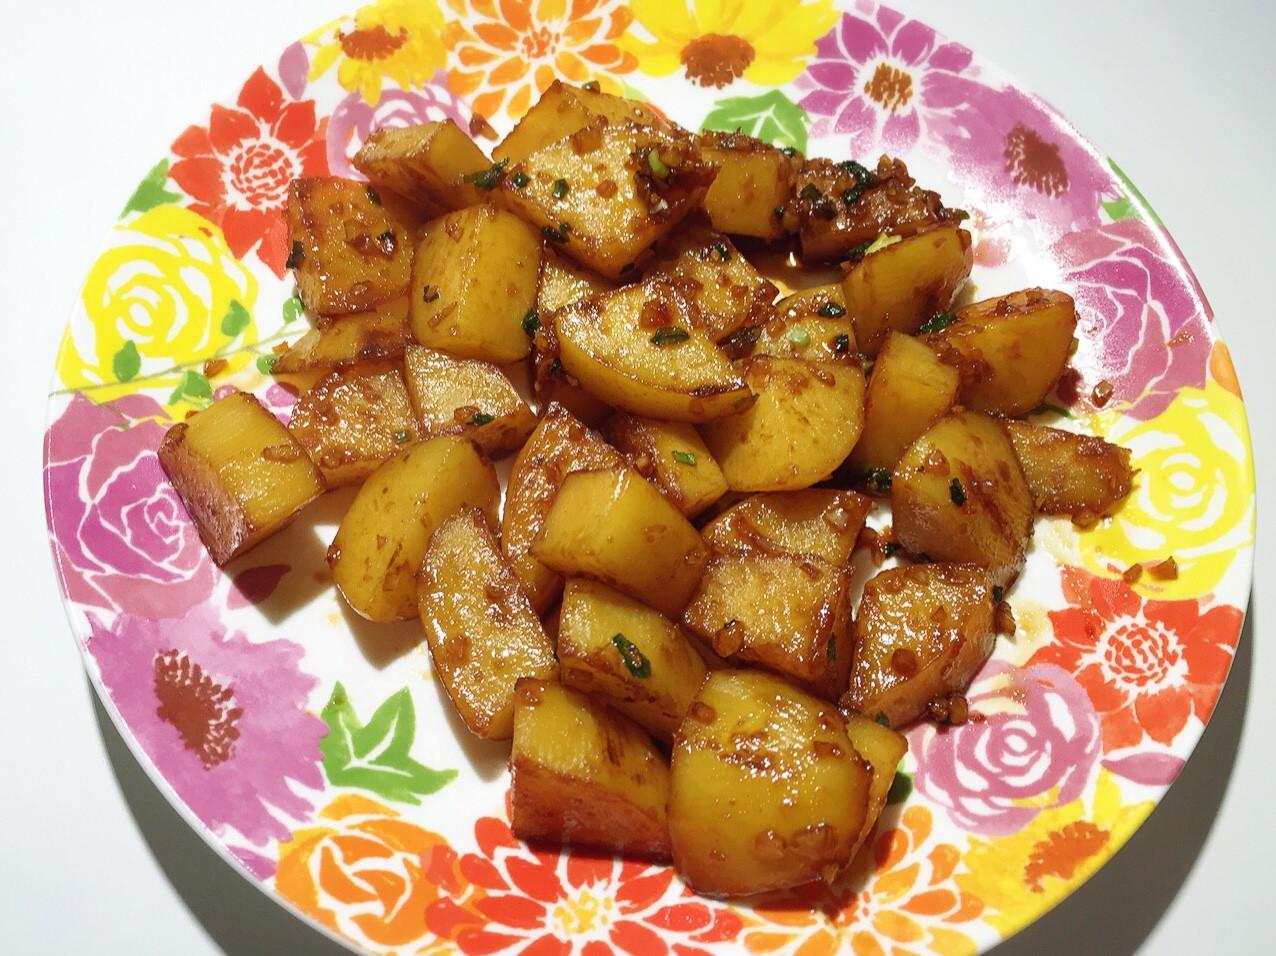 韓式小菜 醬燒馬鈴薯 醬燒土豆